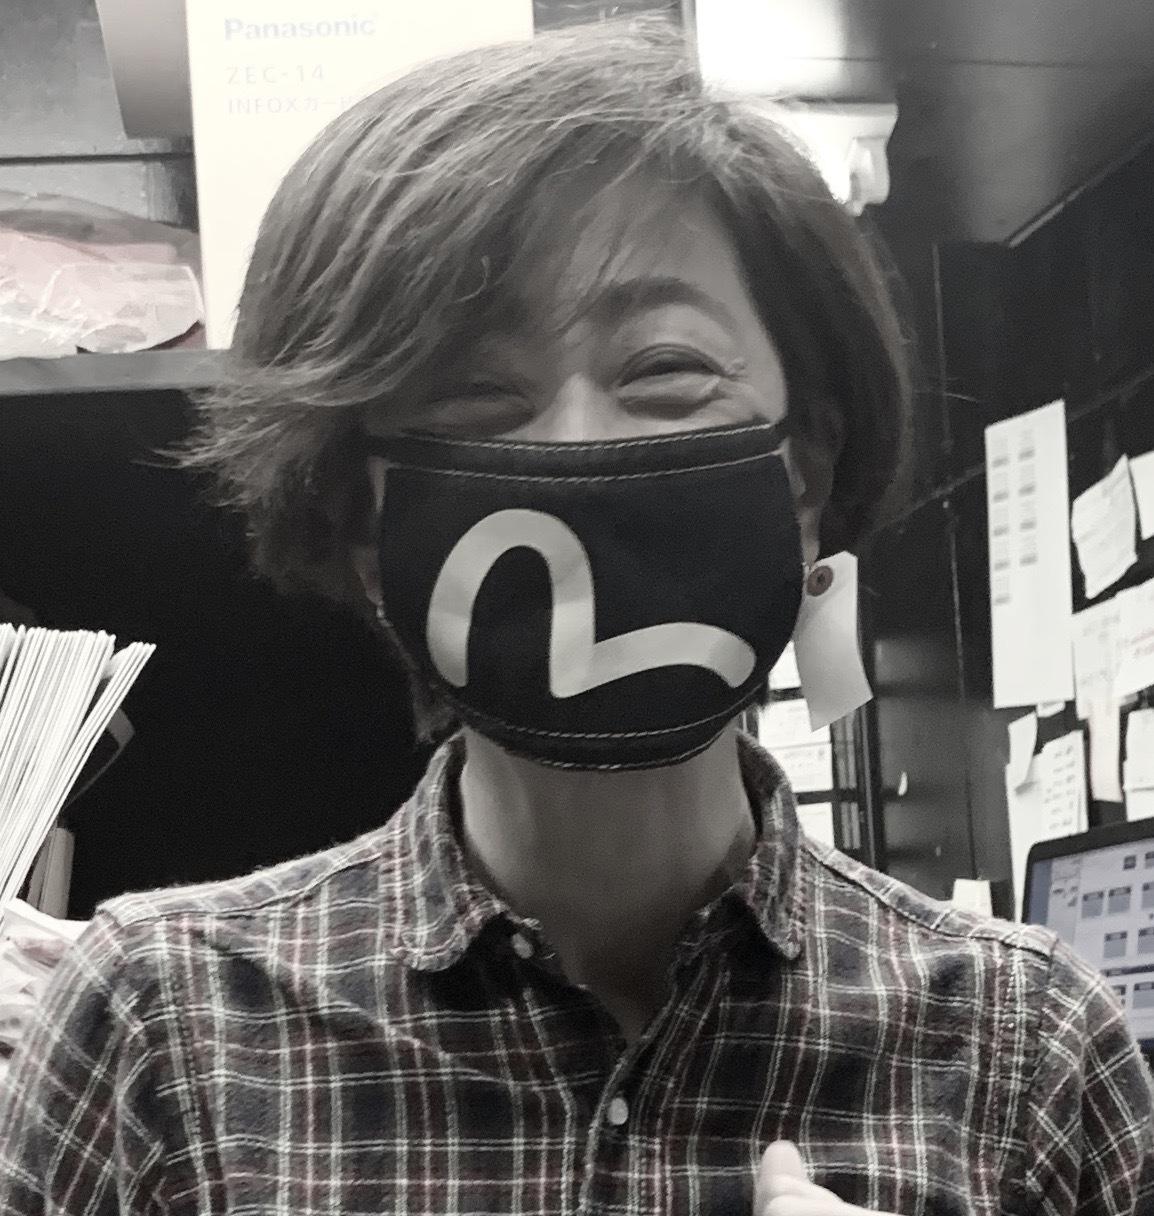 マスク マスクて みるますからす?_a0154045_07510893.jpeg